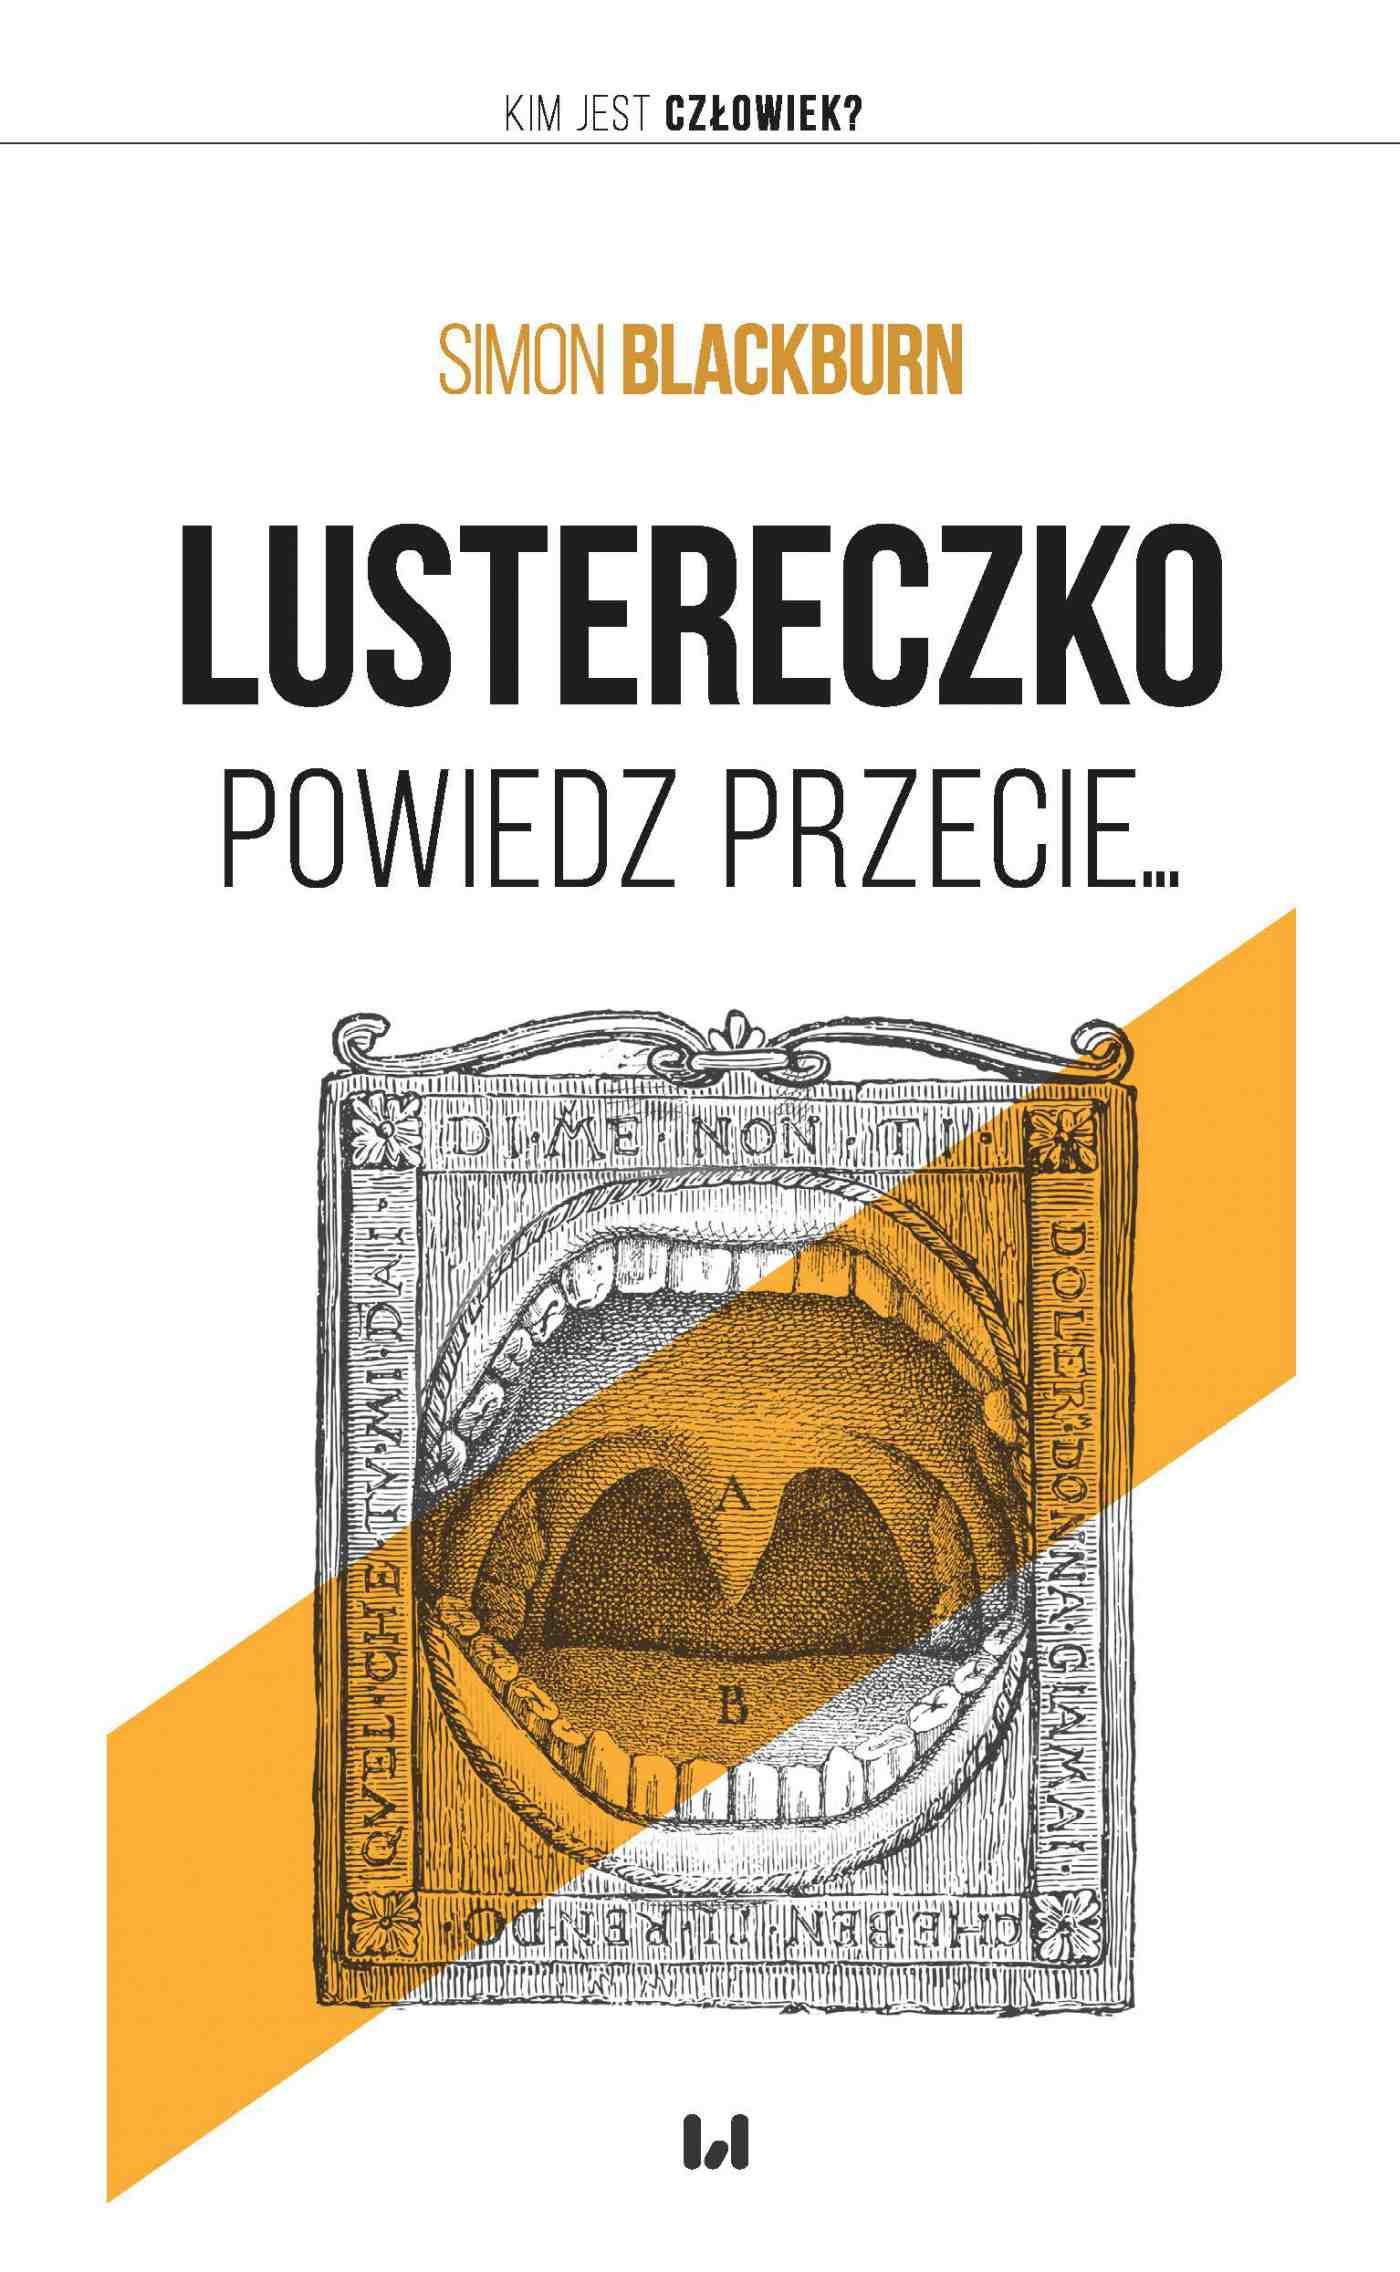 Lustereczko, powiedz przecie... - Ebook (Książka EPUB) do pobrania w formacie EPUB